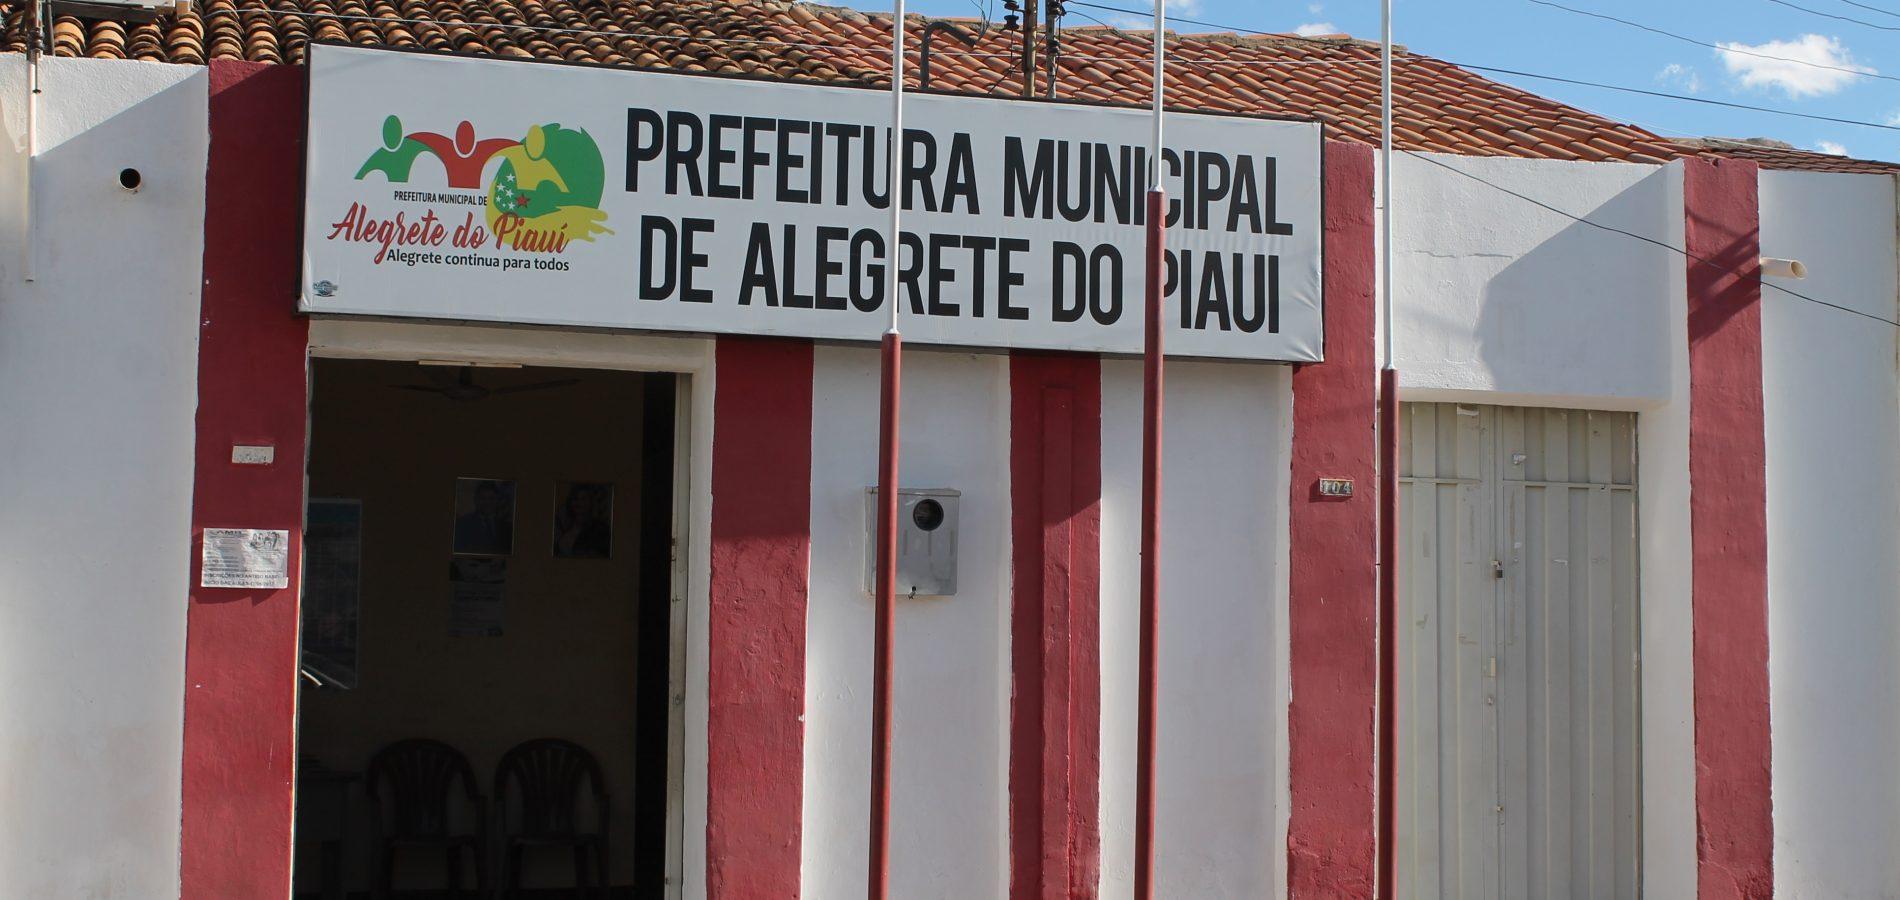 Prefeitura de Alegrete do Piauí suspende concurso público para 92 vagas